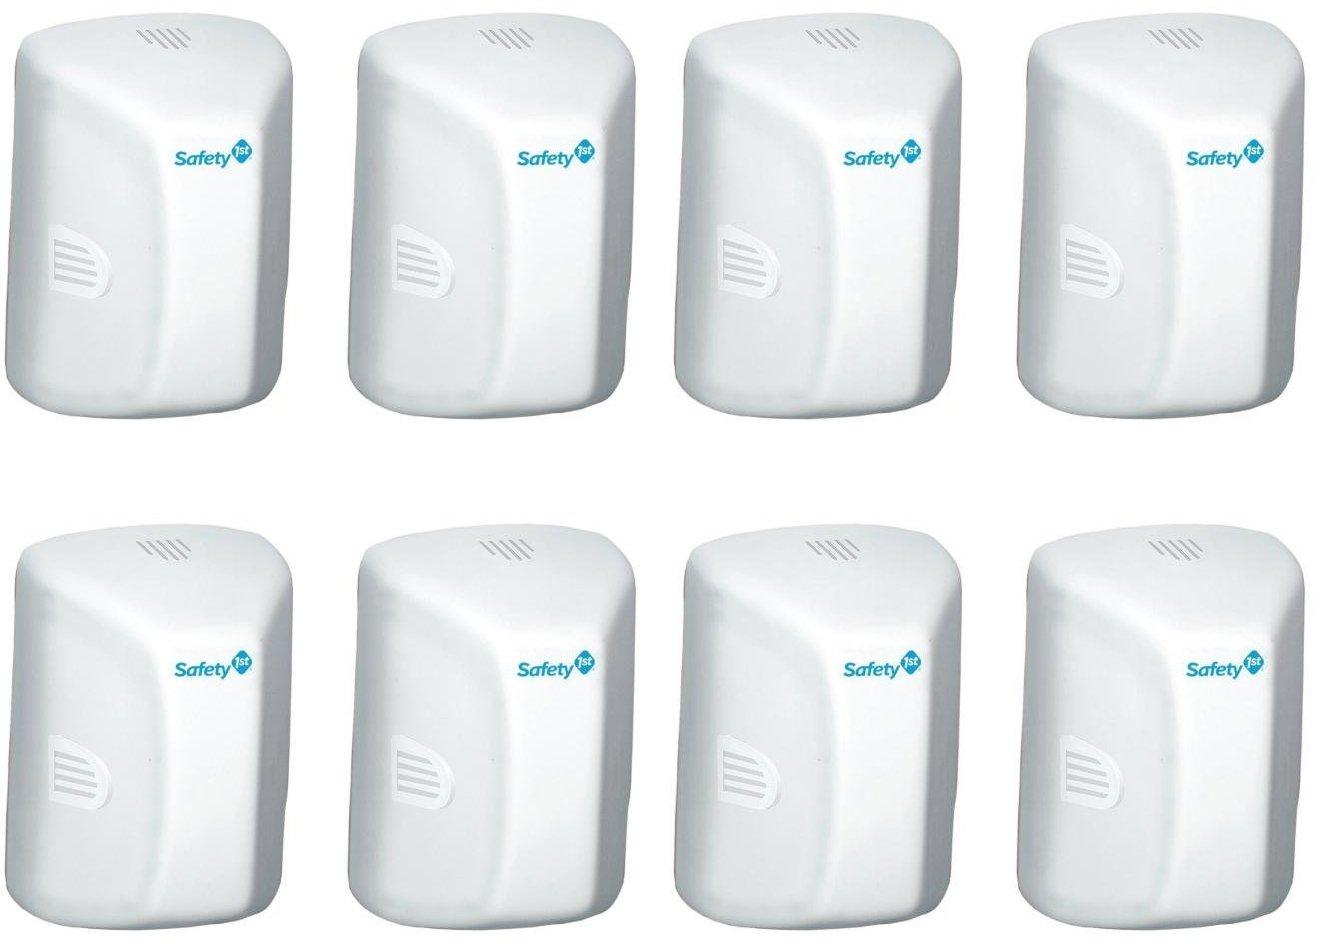 珍しい Safety B0175LPQ5K 1st 1st 48308 Outlet Cover With Safety Cord Shortener, 8 Count by Safety 1st B0175LPQ5K, 東京カー用品流通センター:5793bb89 --- outdev.net